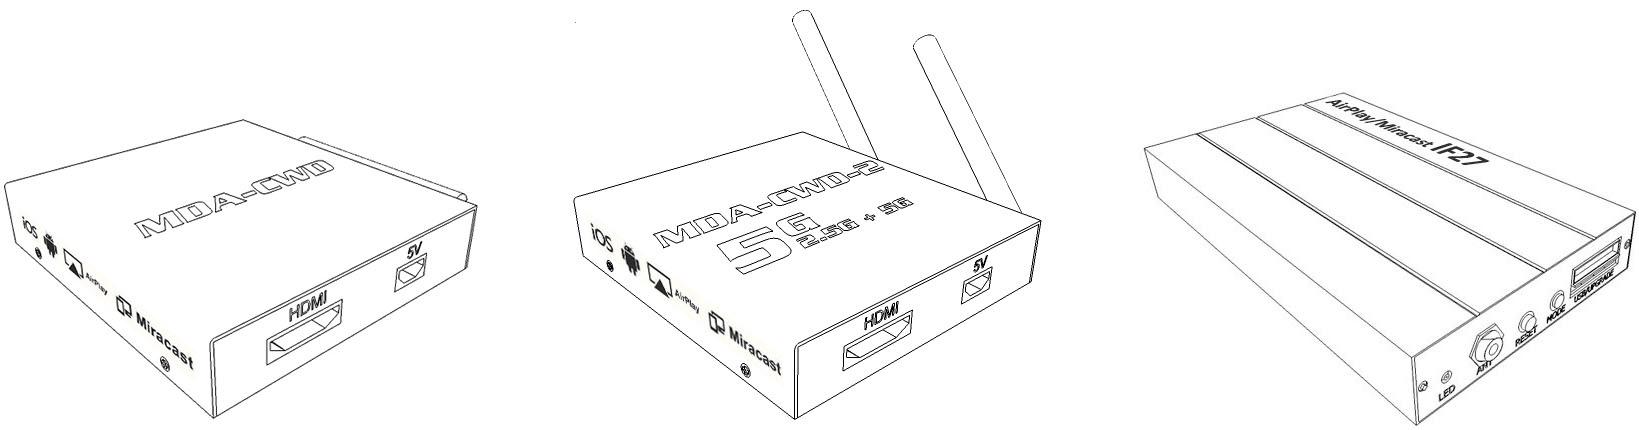 WiFi-Display-models.jpg